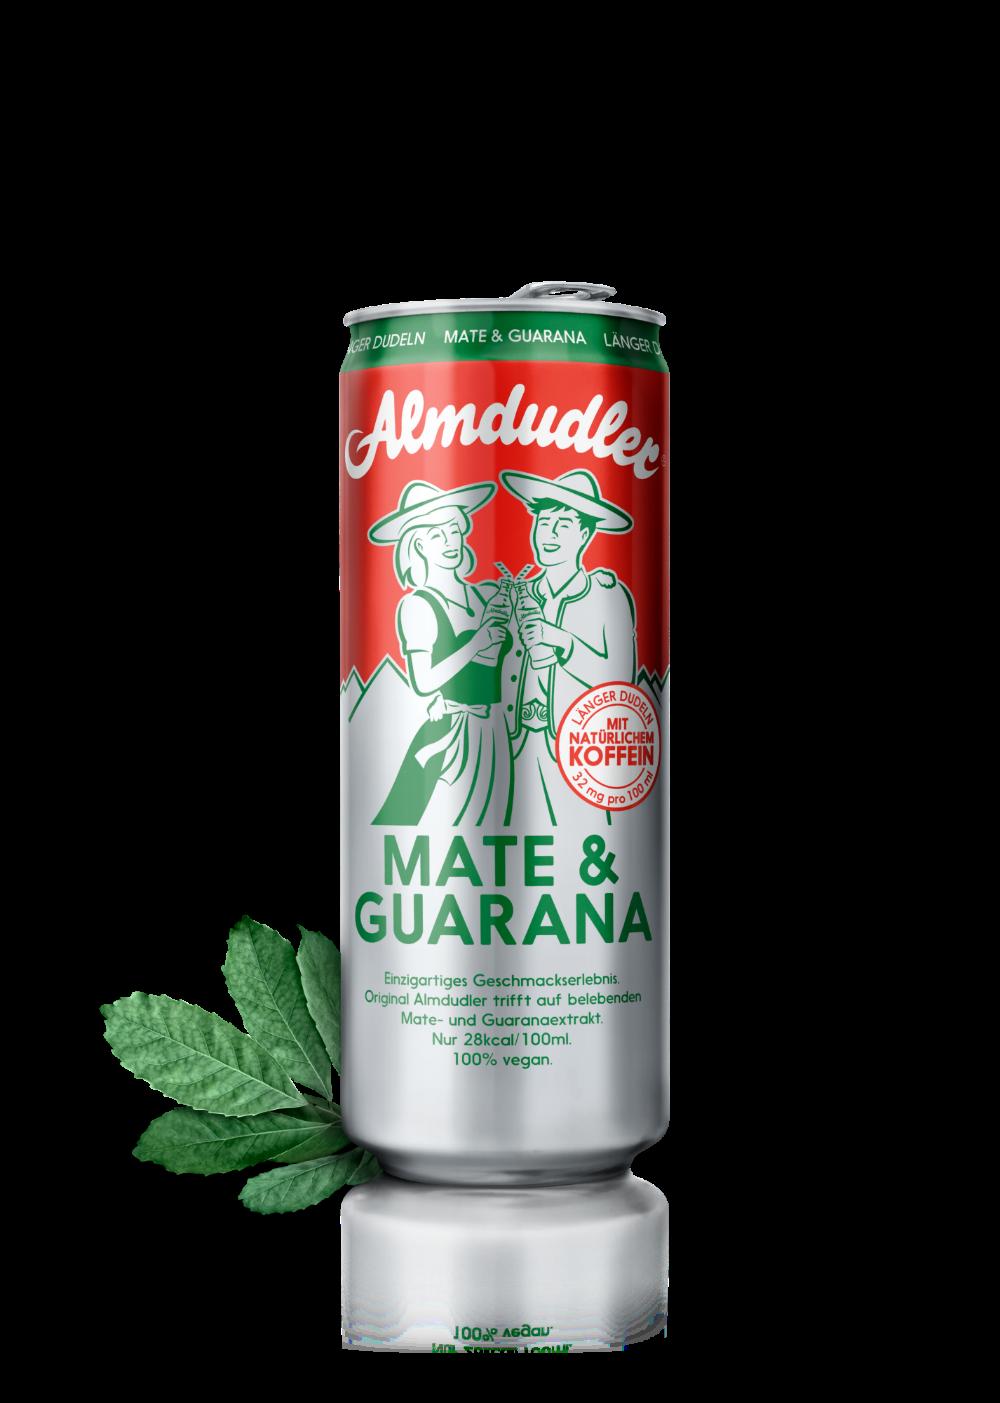 JETZT NEU: Almdudler Mate&Guarana auch in Deutschland